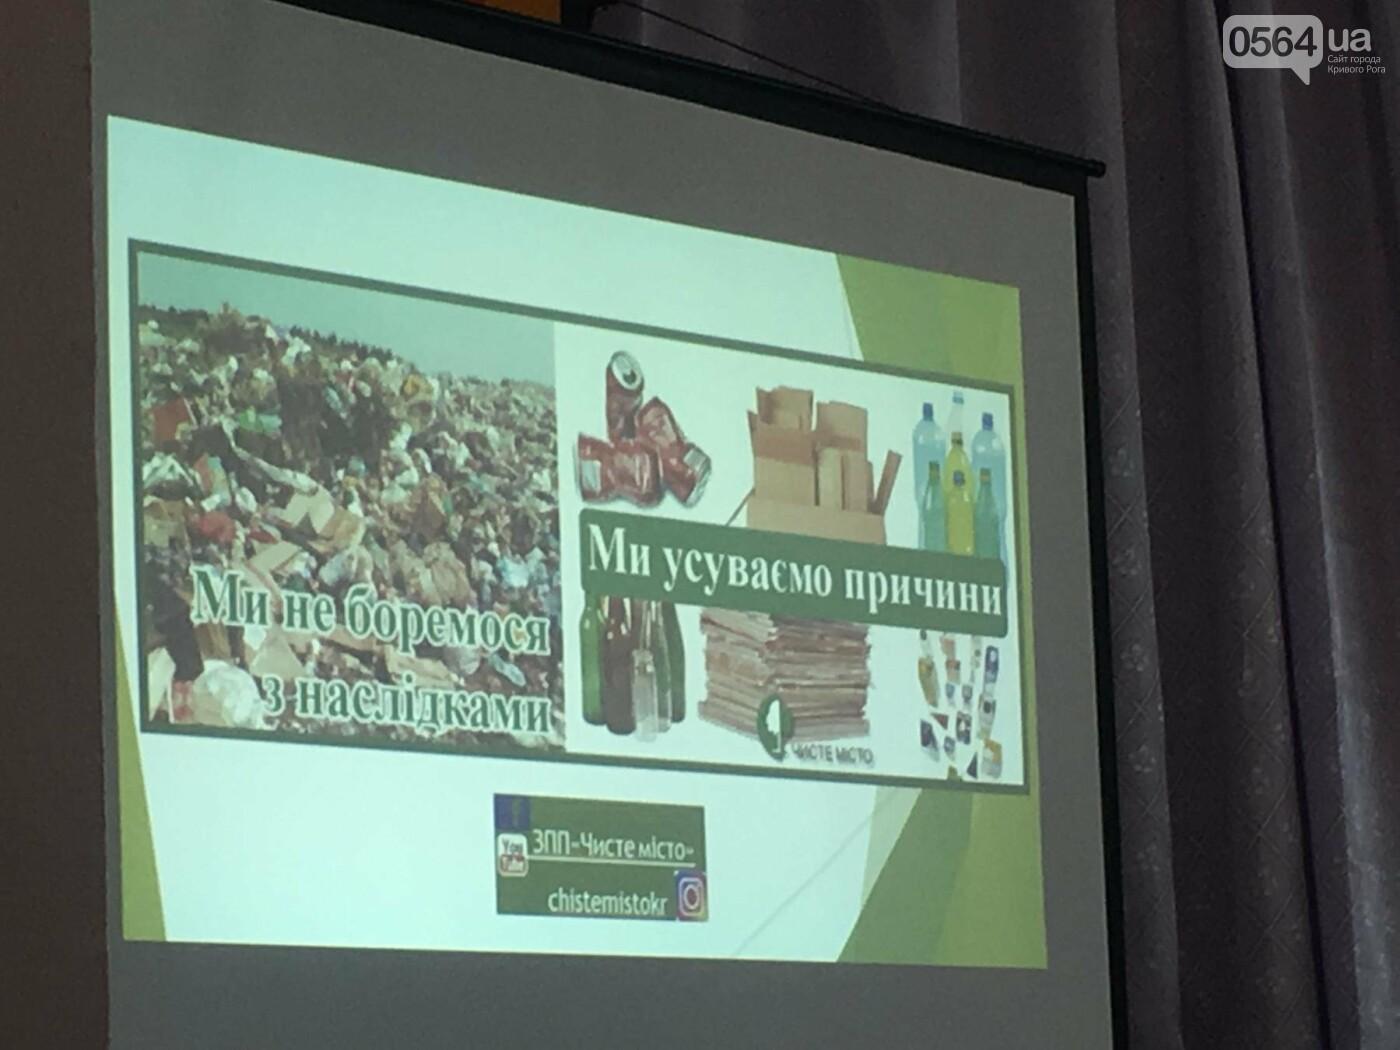 В Кривом Роге на одну экосознательную школу стало больше (ФОТО), фото-2